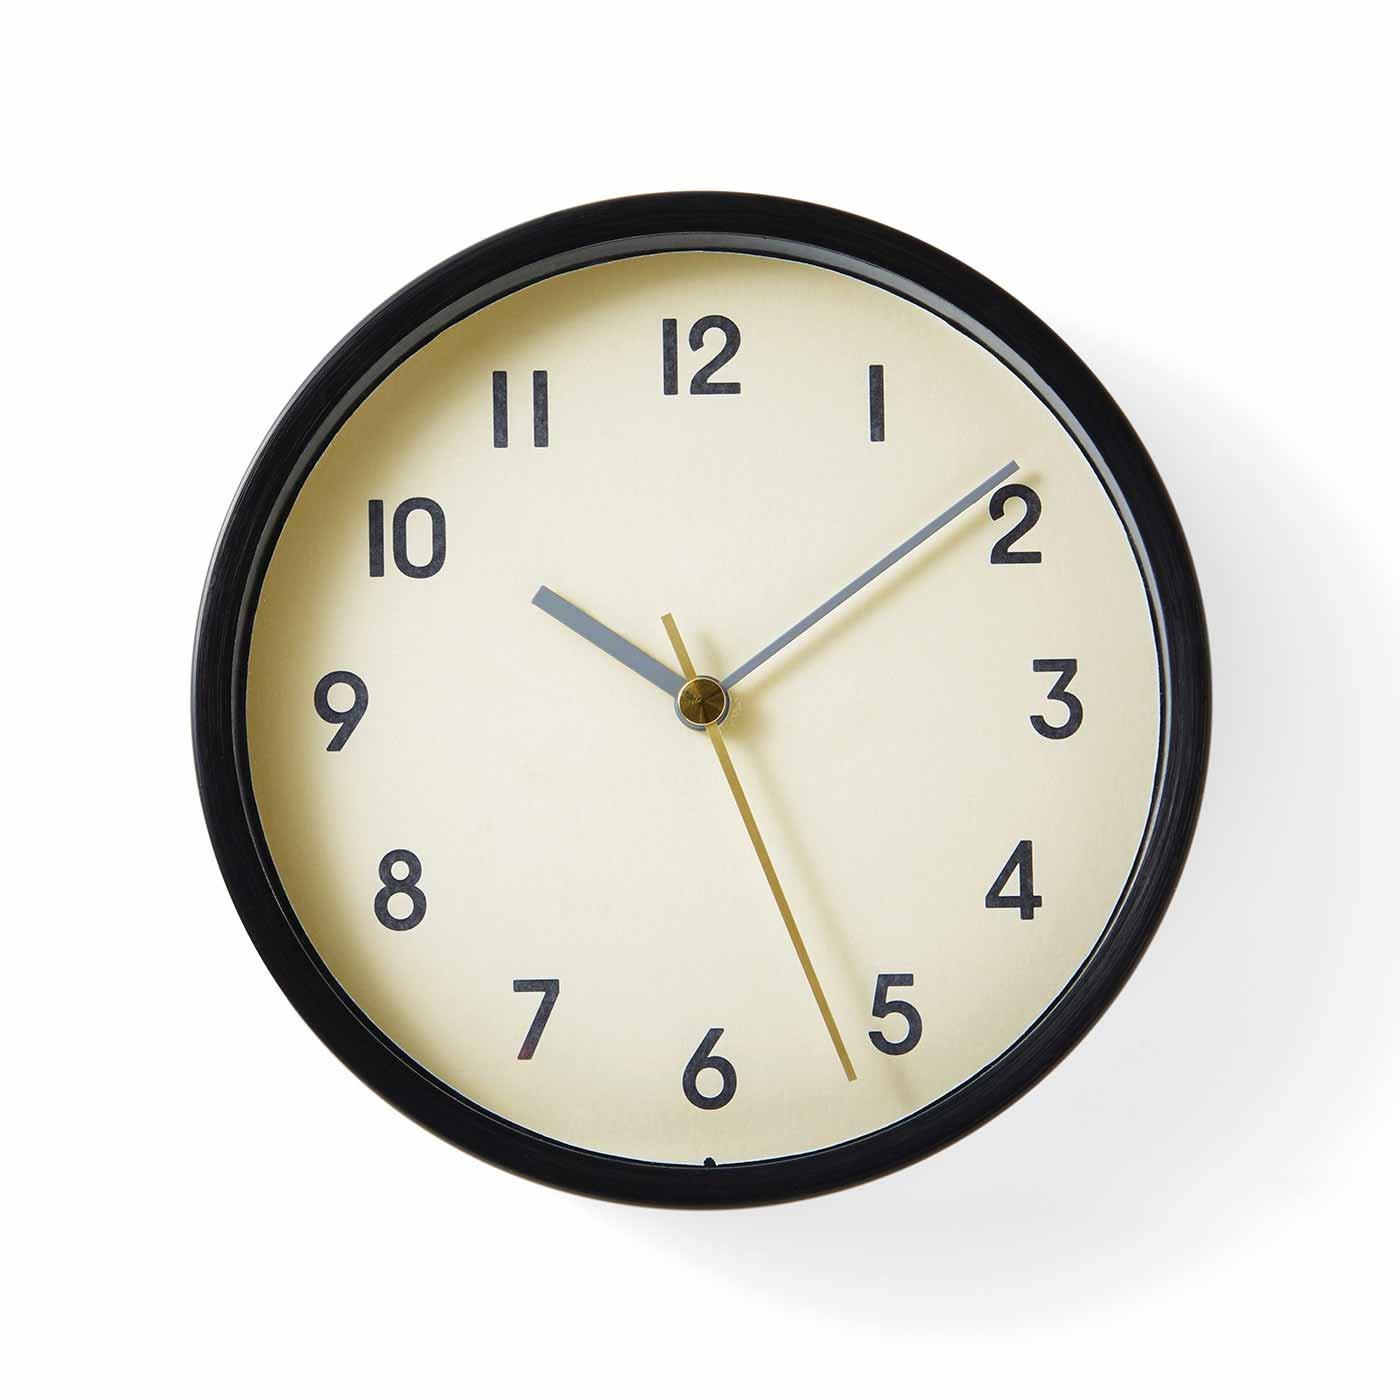 無骨な雰囲気の 小さめ置き掛け時計〈マットブラック〉